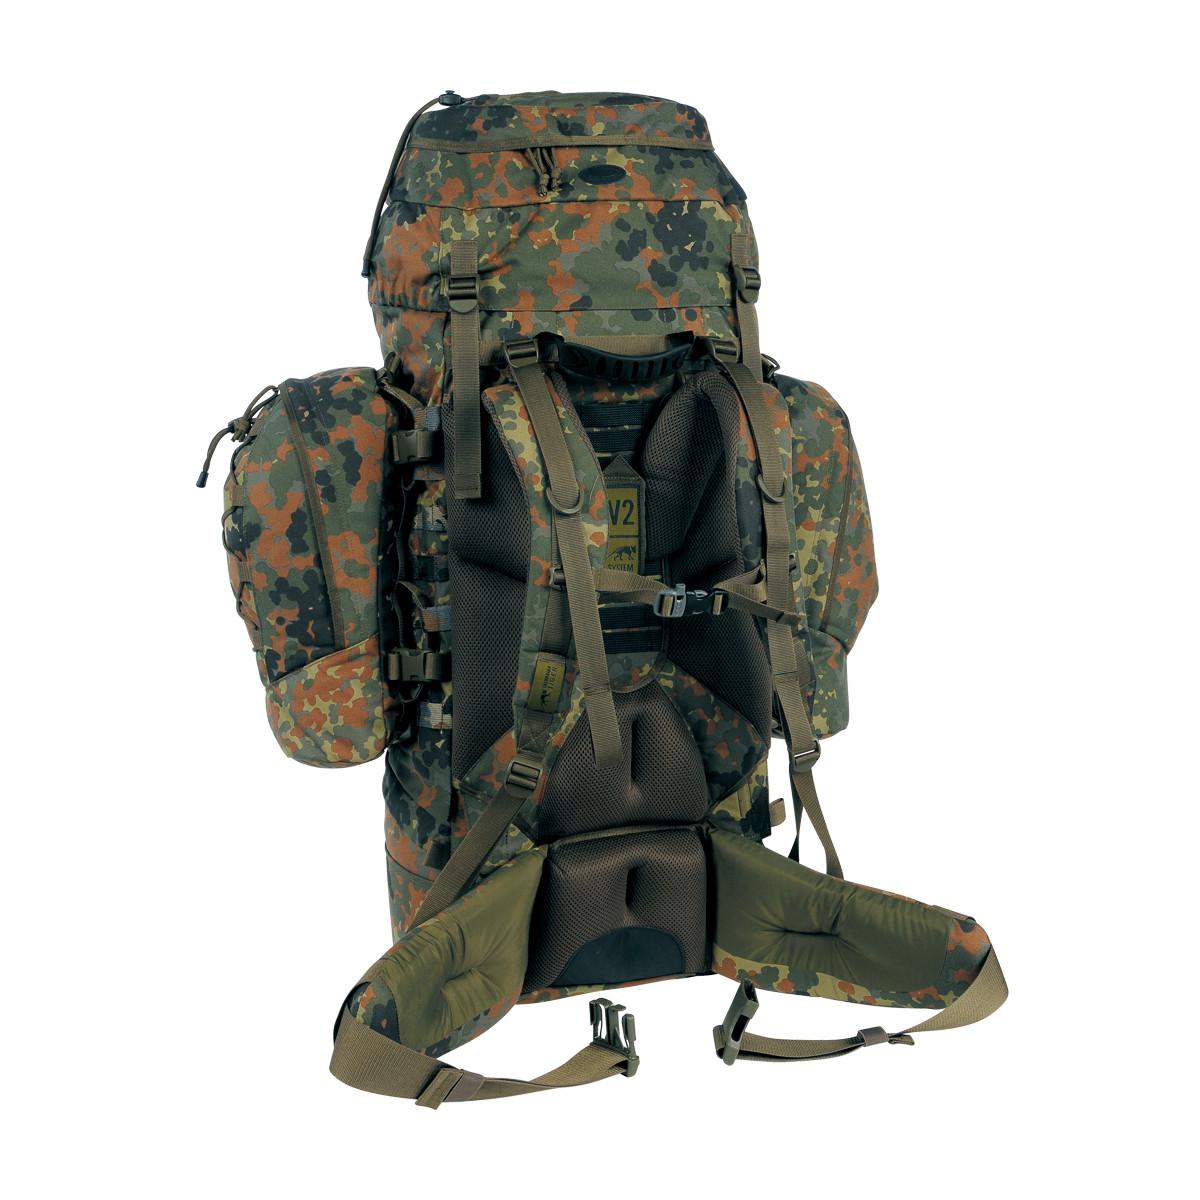 772a10d77e55 Штурмовой рюкзак для длительных операций TT Pathfinder FT, 7919.464,  flecktarn